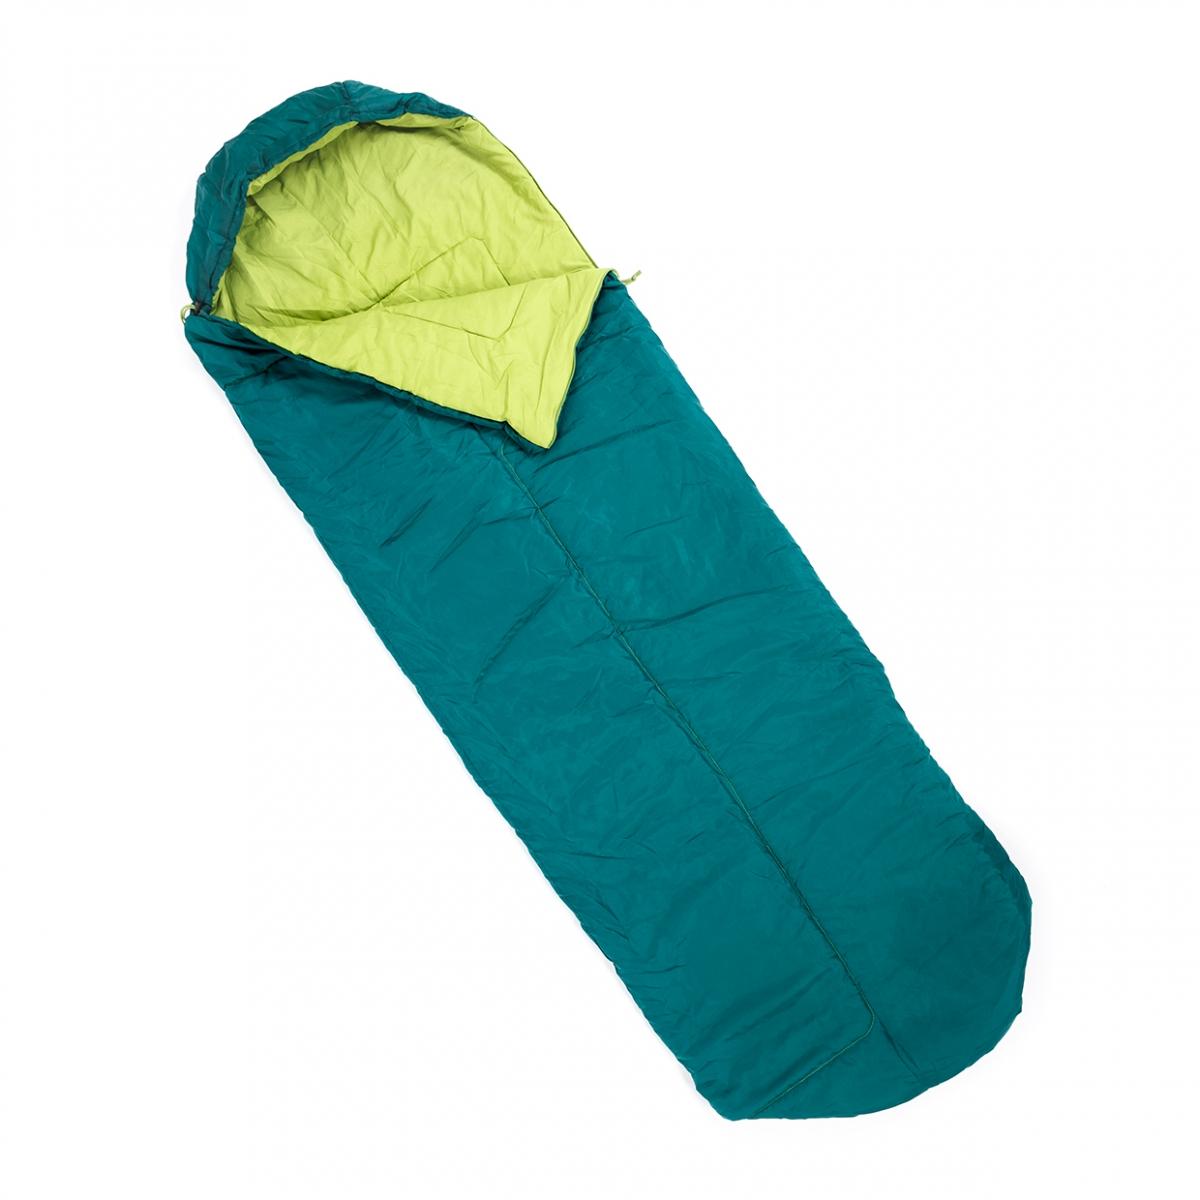 Imagen en la que se ve un saco de dormir